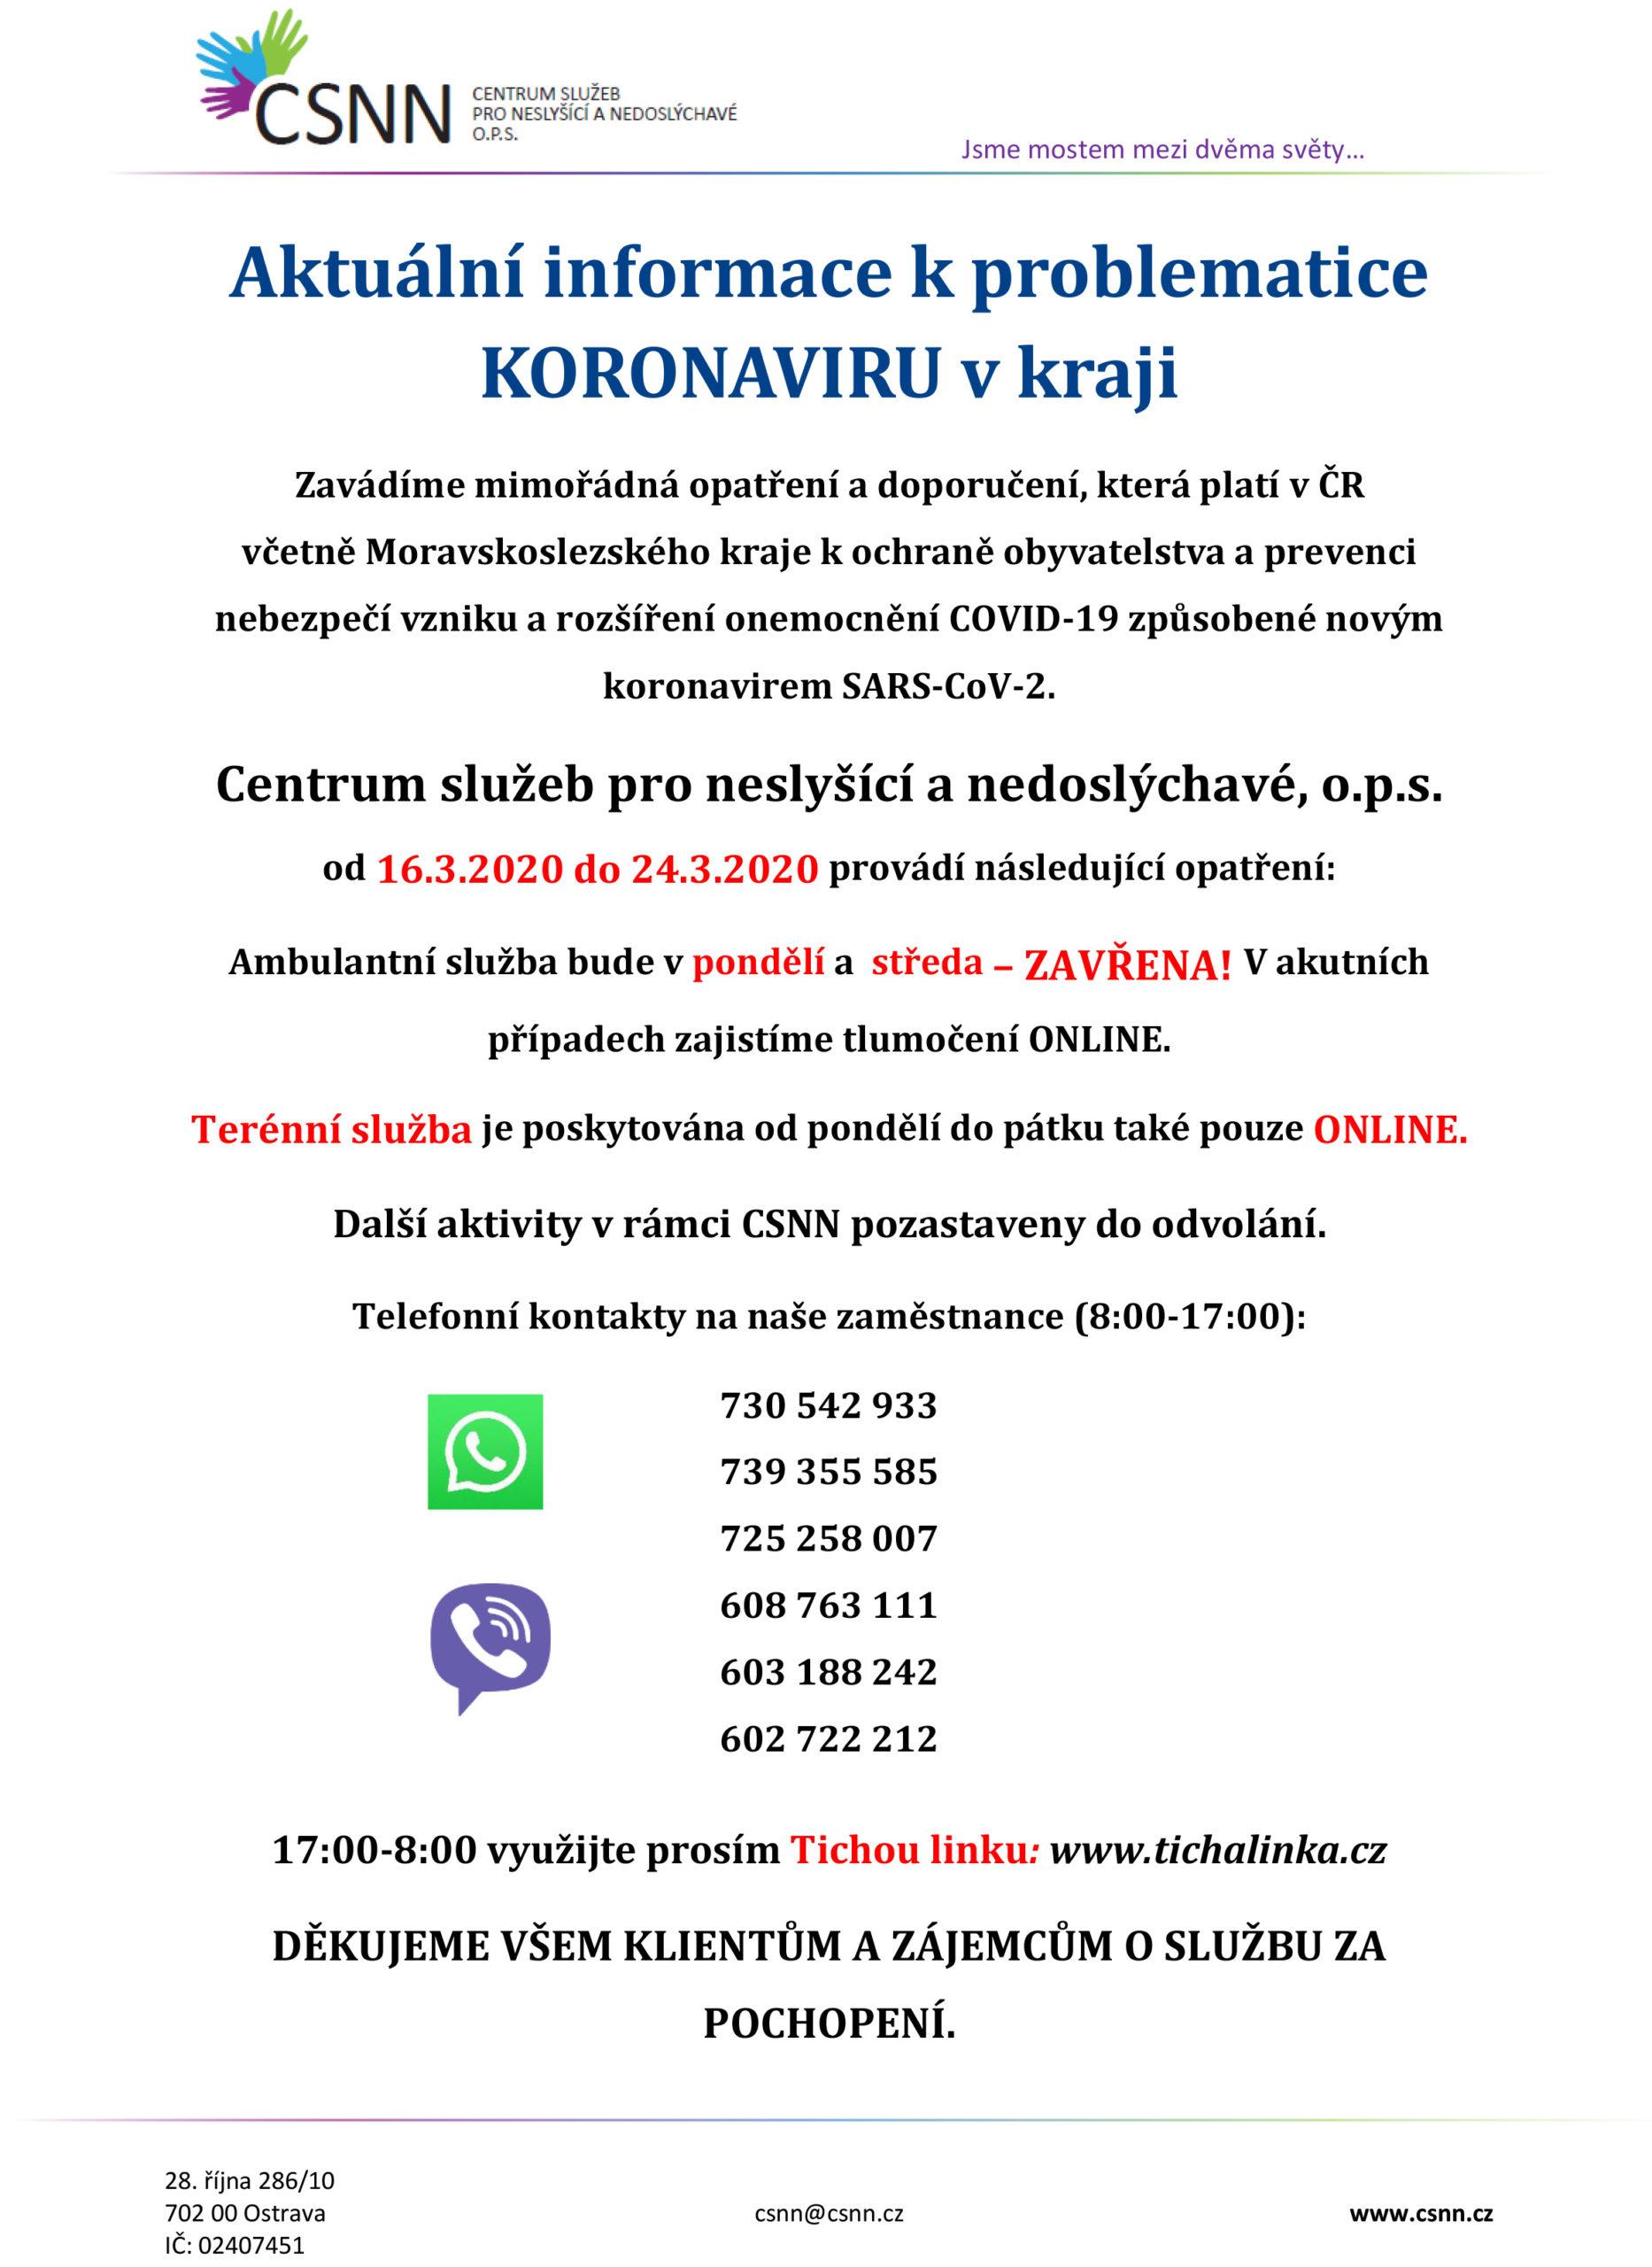 Aktuální informace k problematice KORONAVIRU